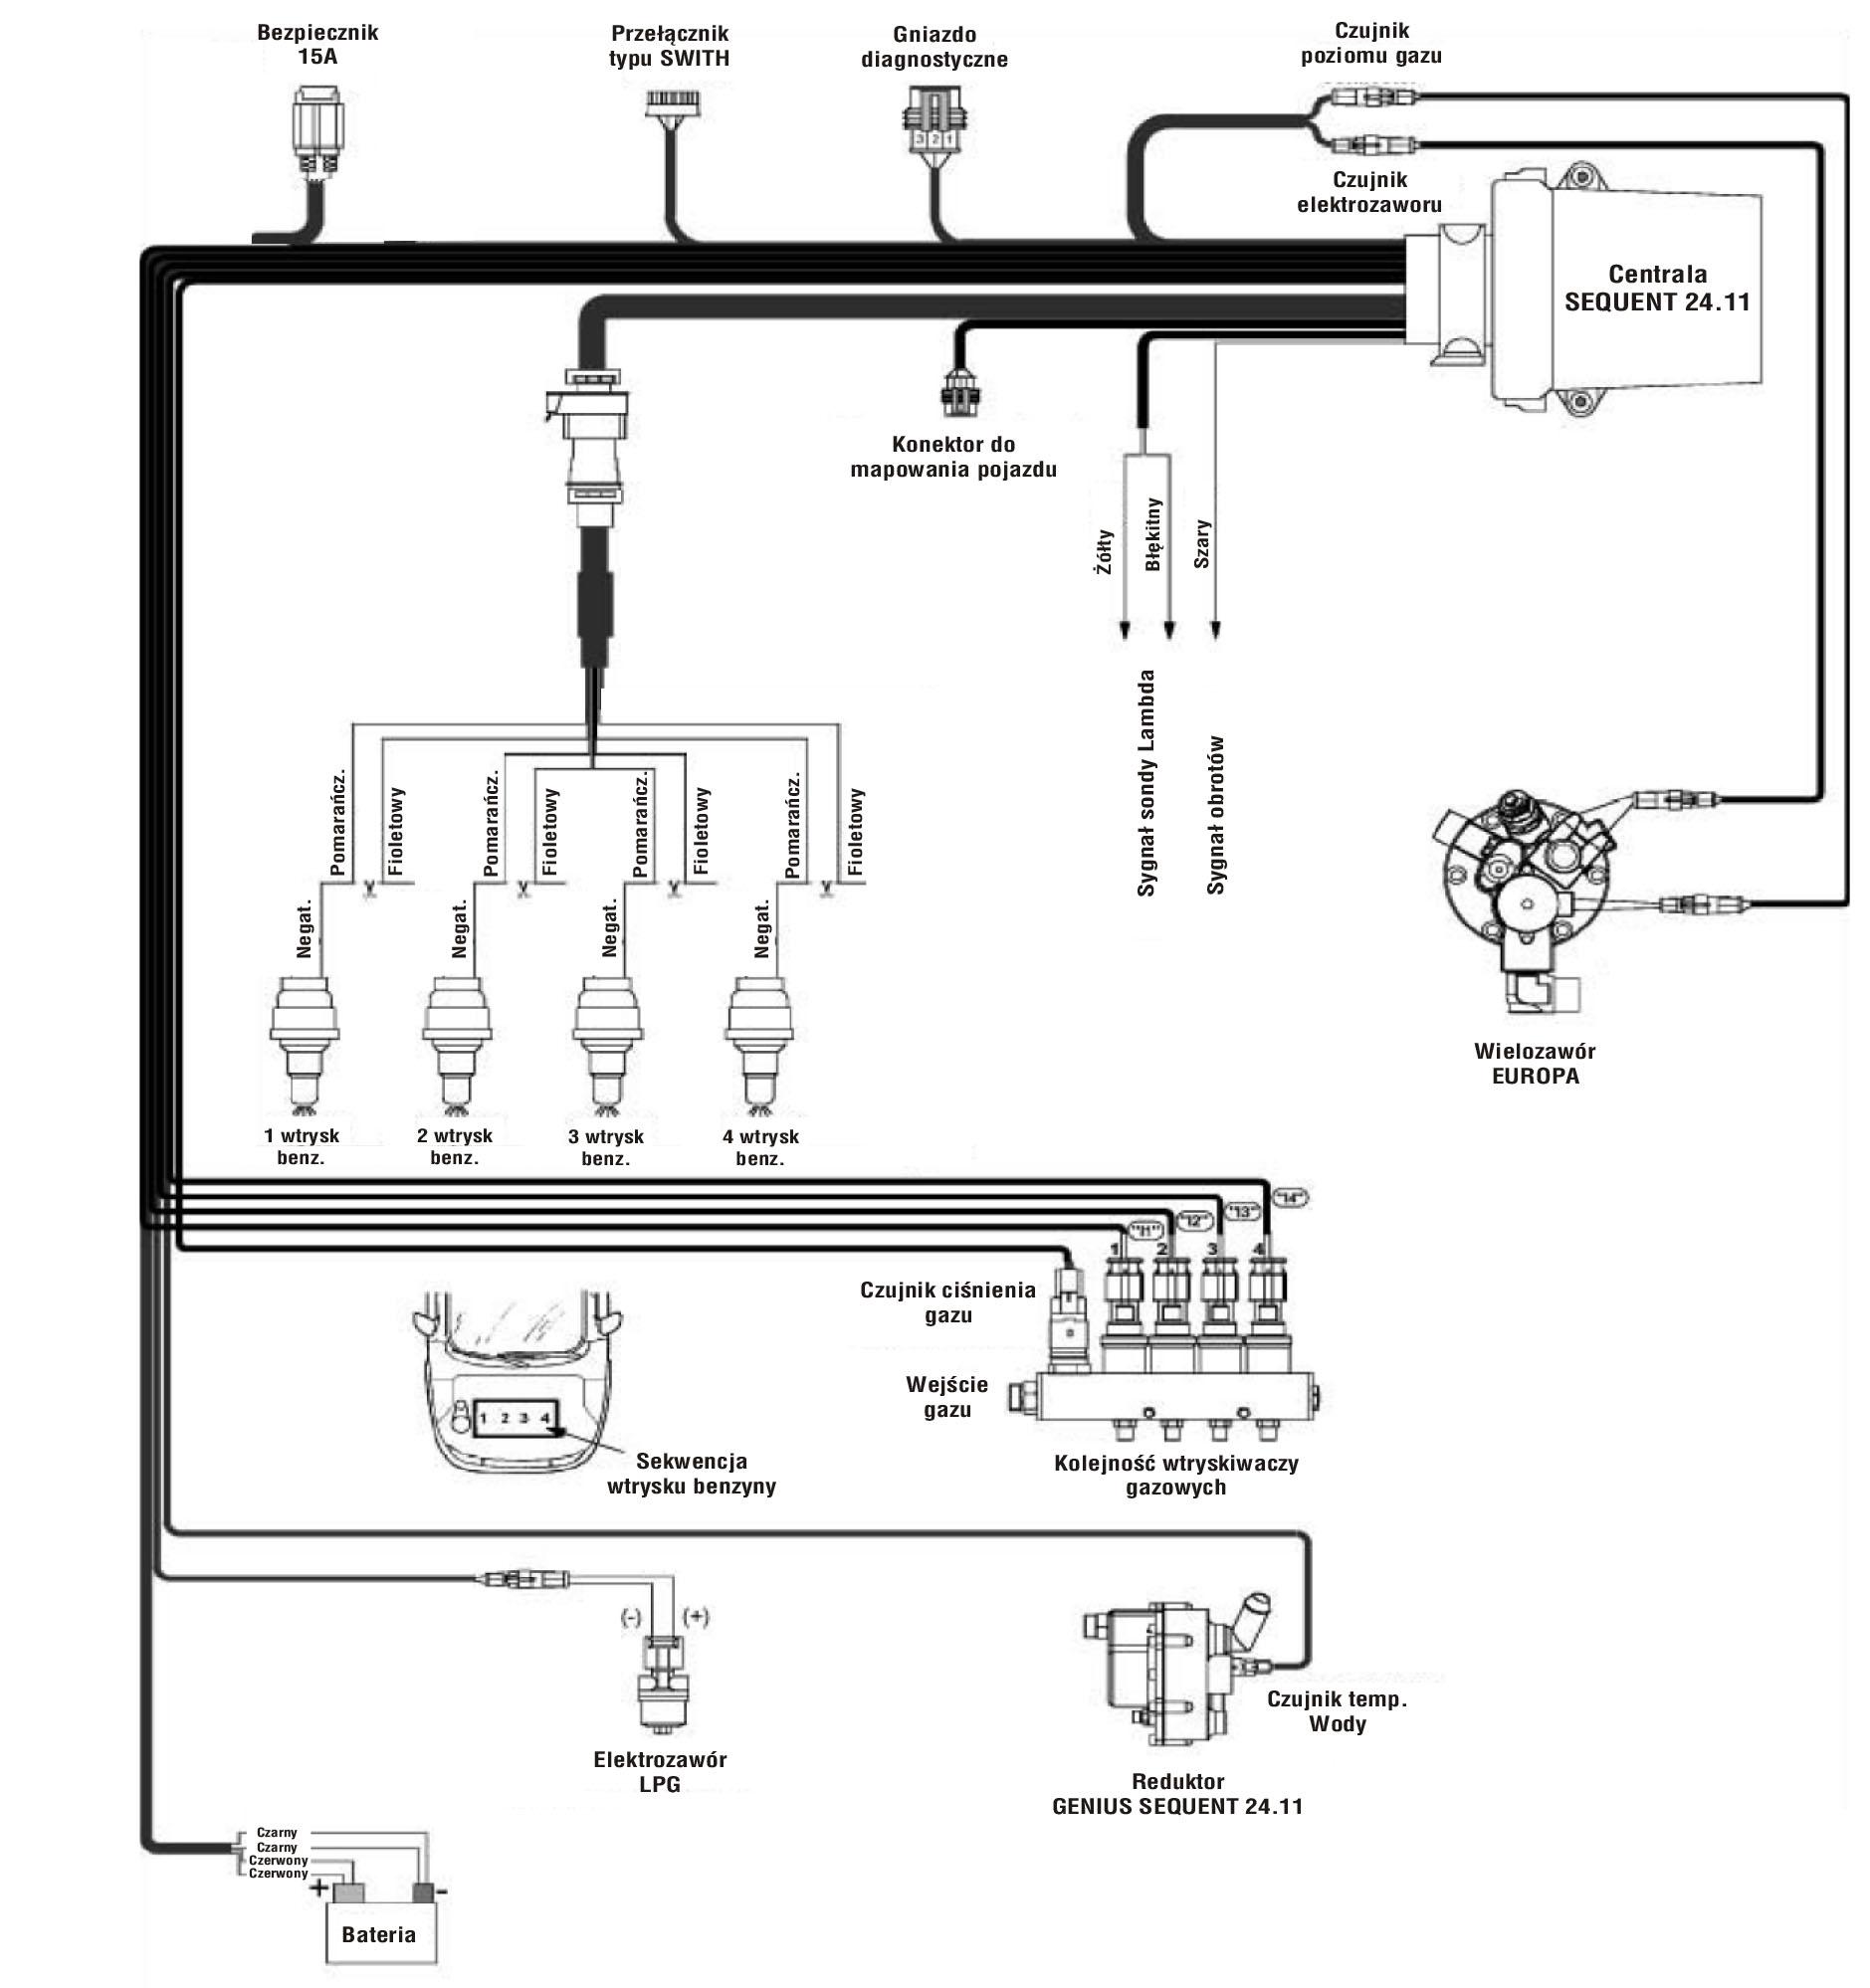 Схема sequent plug drive